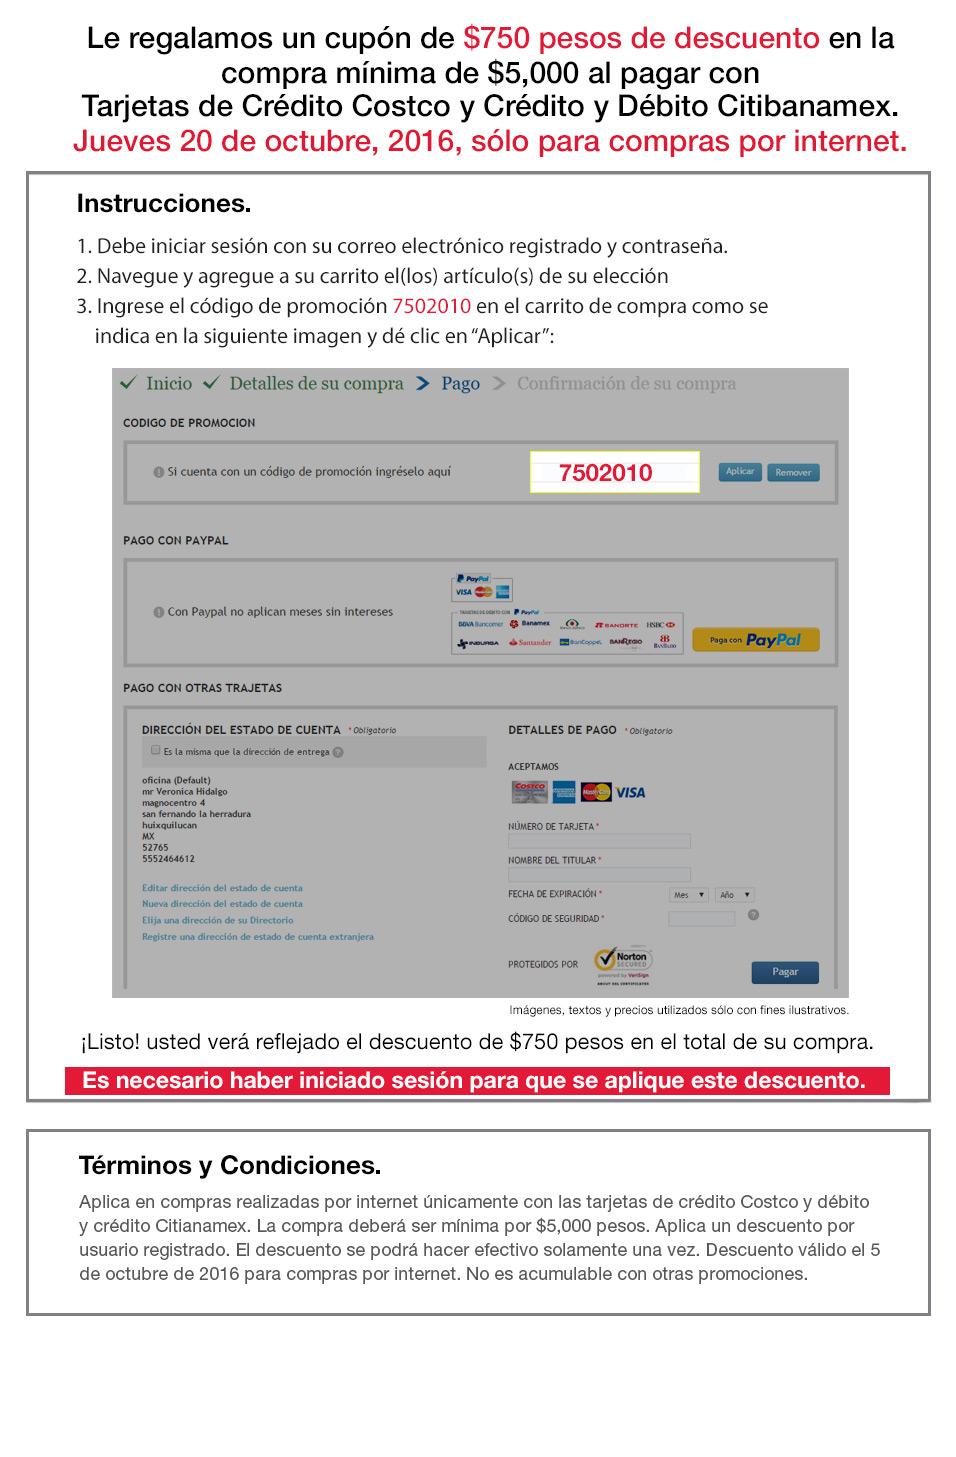 Costco en línea: Cupón de $750 de descuento en compras mínimas de $5,000